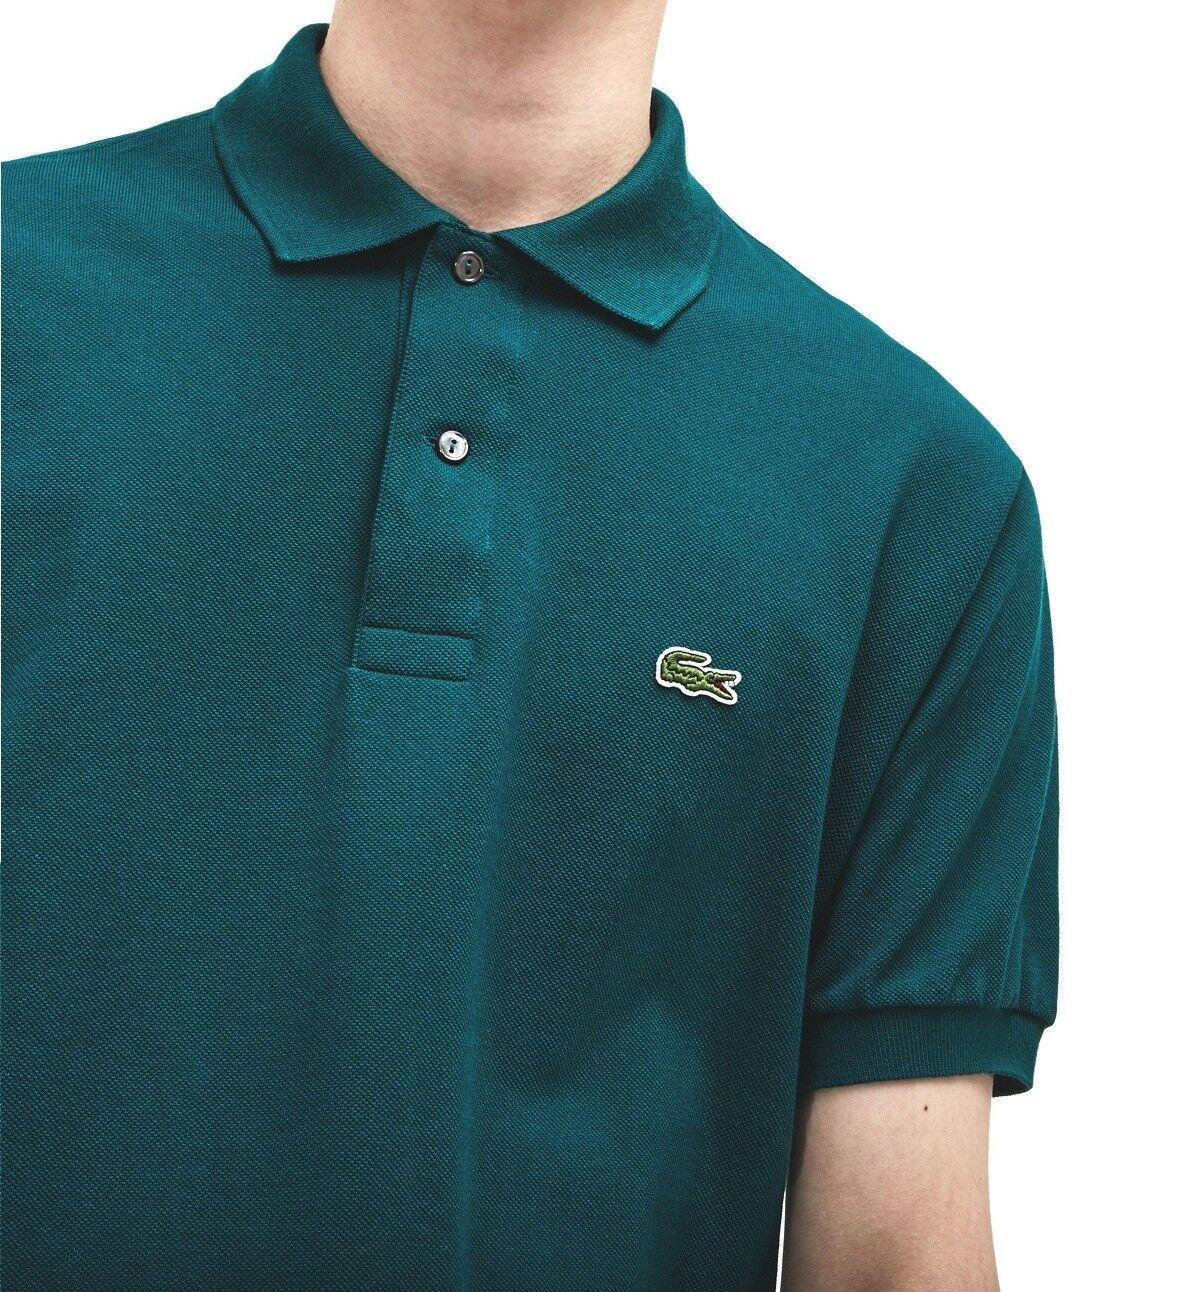 LACOSTE Polo Shirt Bnwt-XL T6-Classic Fit L1212-verde-prezzo consigliato